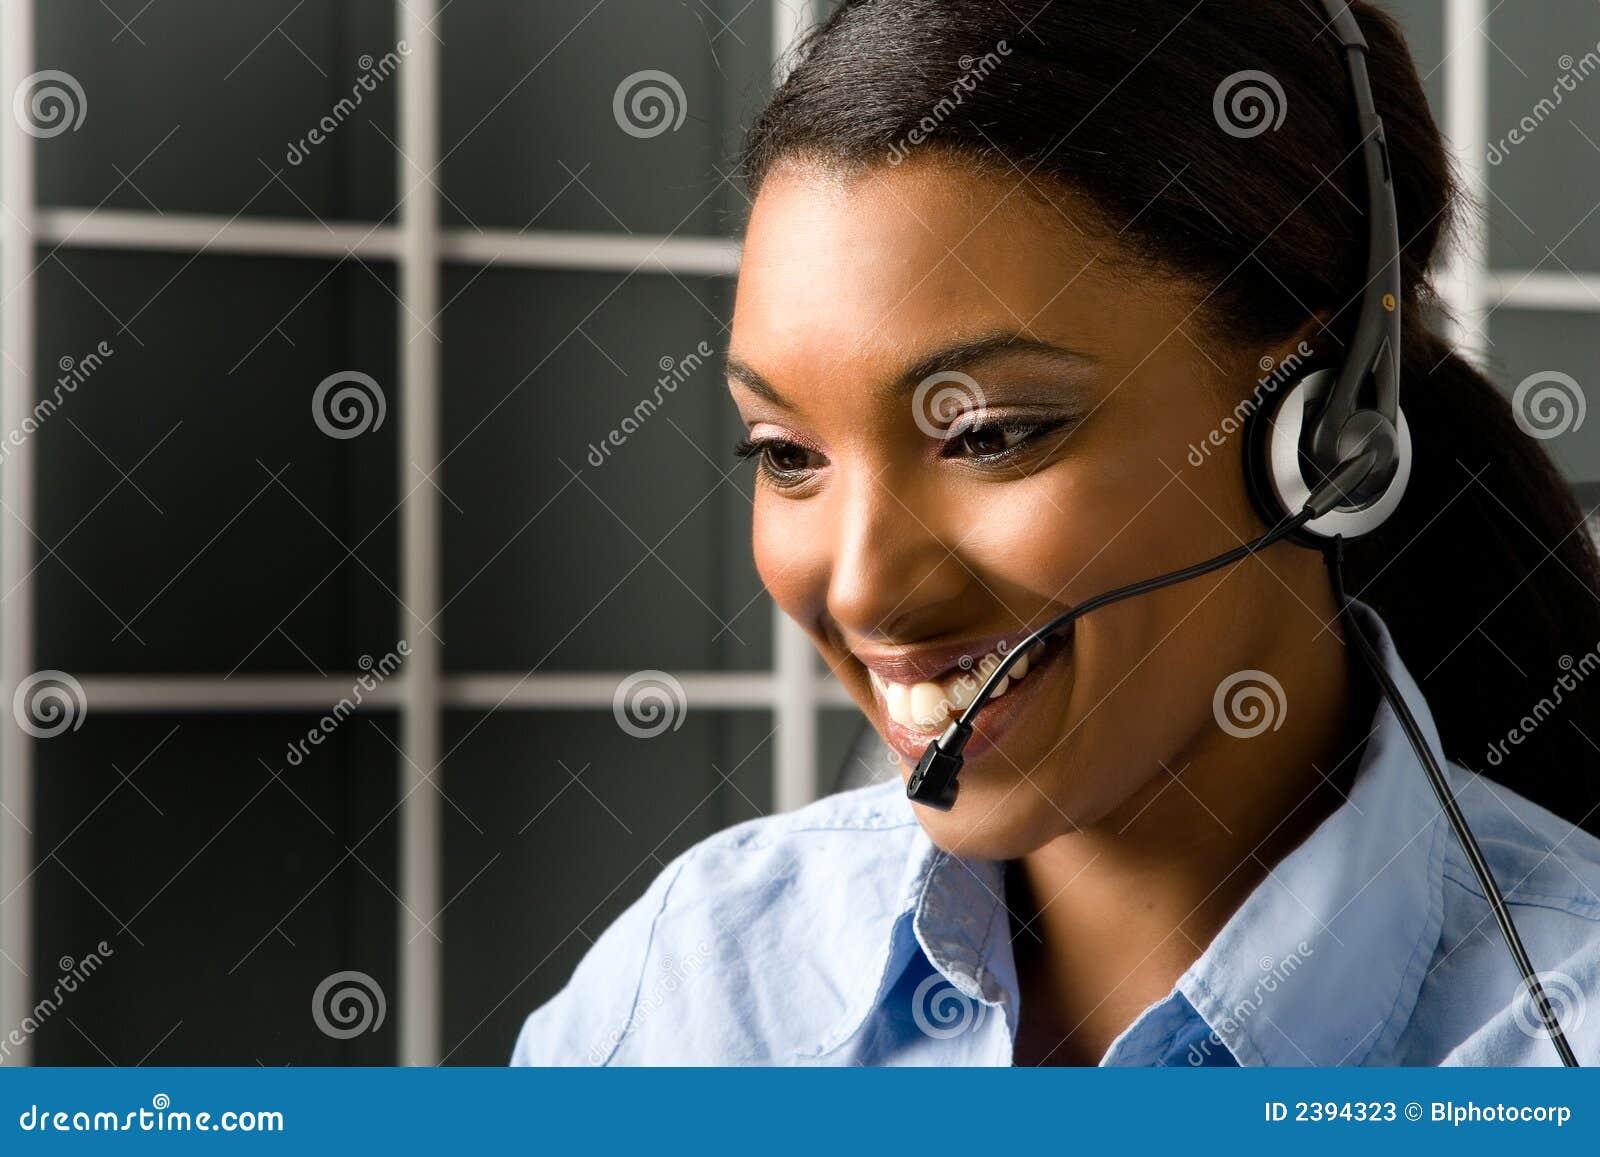 Friendly Customer Service Rep Stock Photos